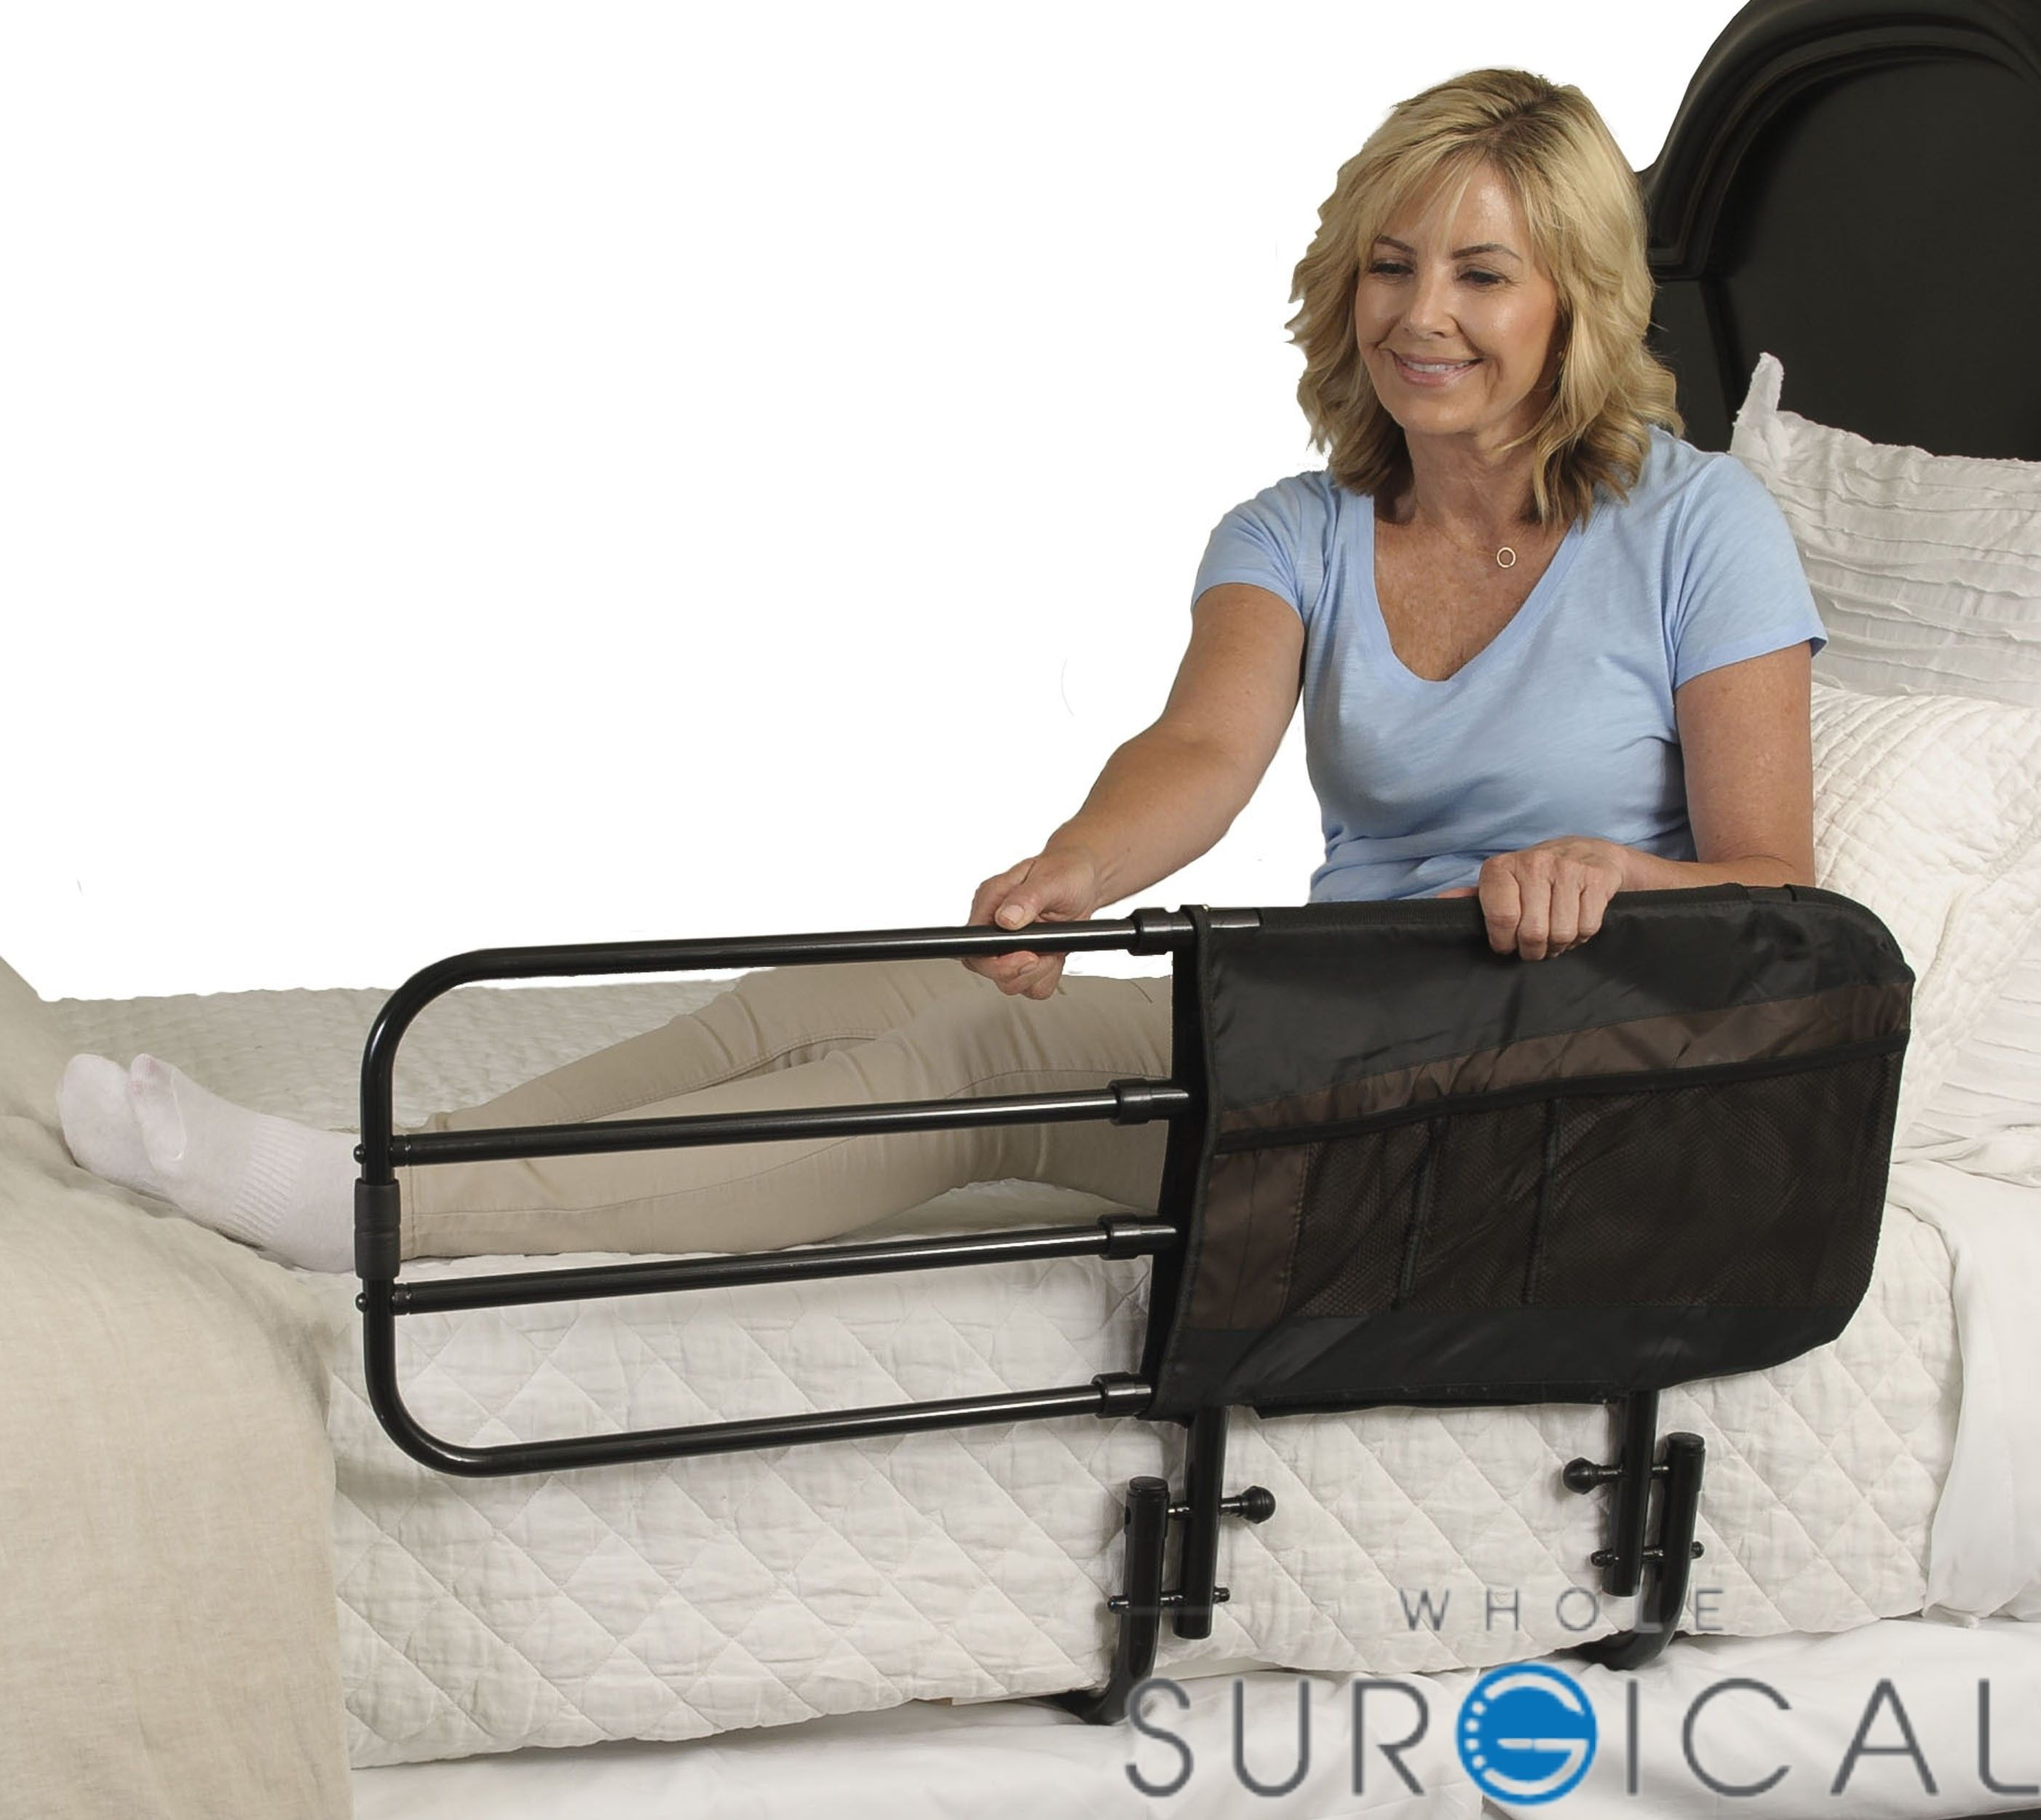 Stander 8000 EZ Adjust Bed Rail Adjustable beds, Bed